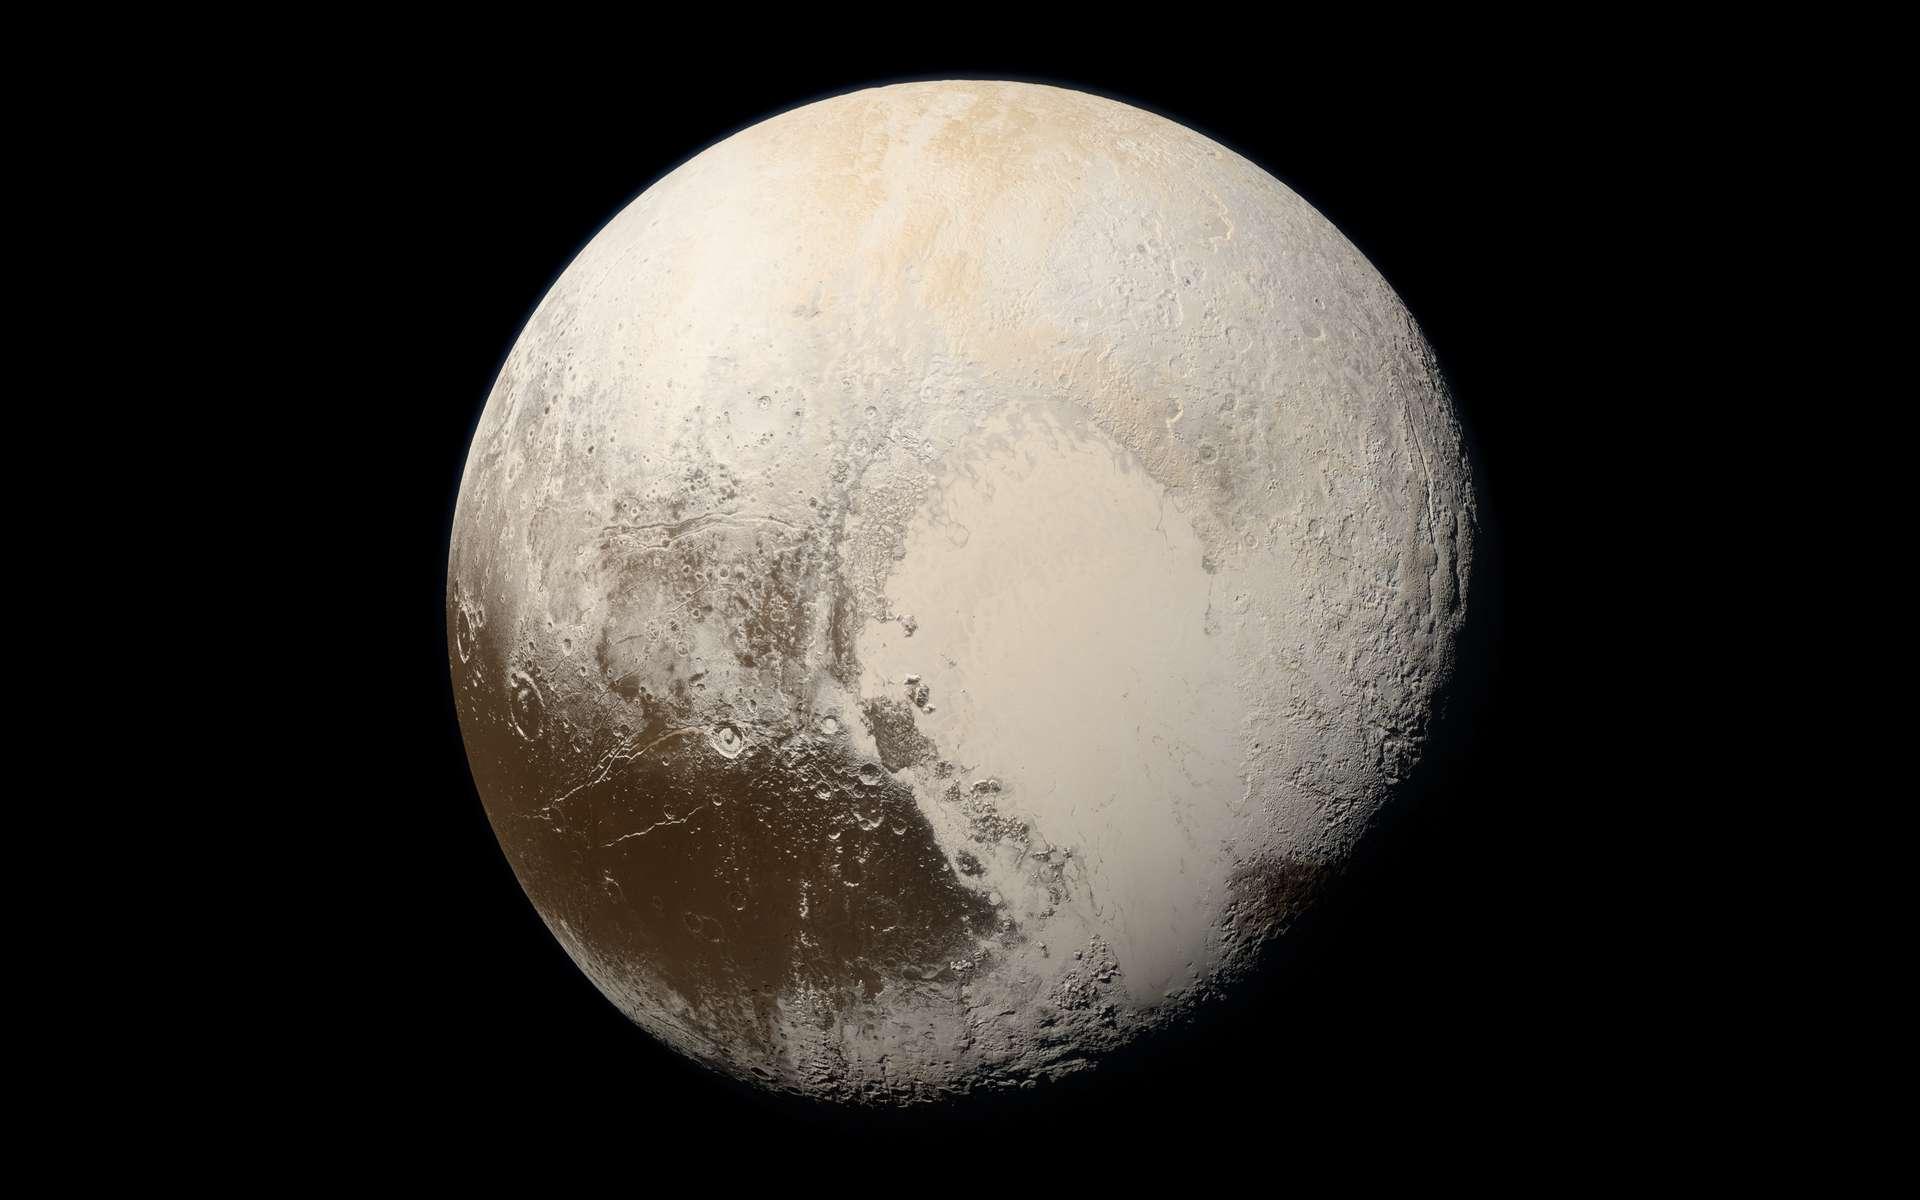 Pluton au naturel, sans maquillage. Image tirée des données de MVIC capturées lors du survol historique de la planète naine, le 14 juillet 2015. New Horizons était alors à 35.445 kilomètres de Pluton. © Nasa, JHUAPL, SwRI, Alex parker